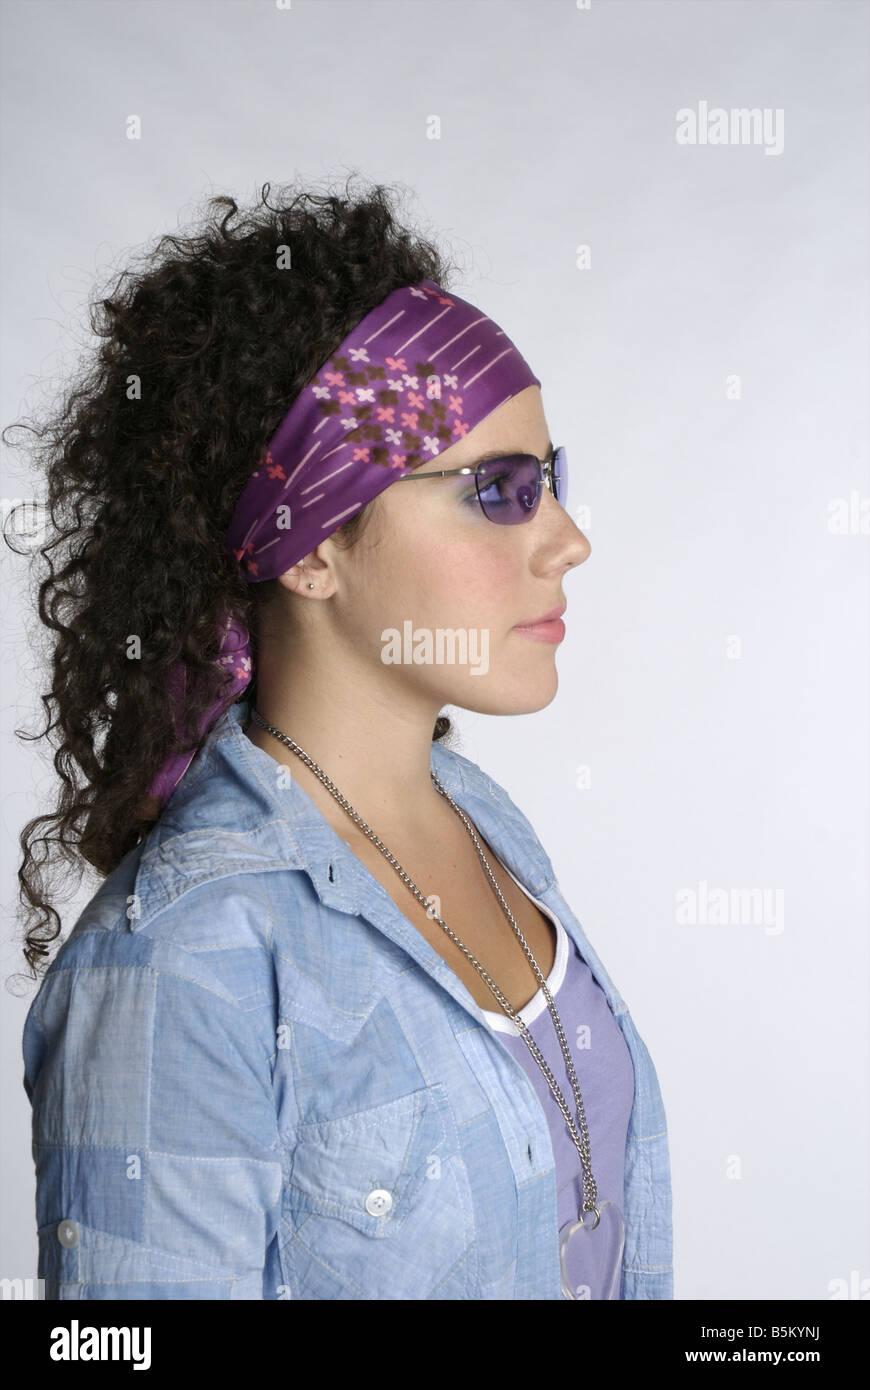 Weiblichen Jugendlichen mit krauses Haar Stockbild